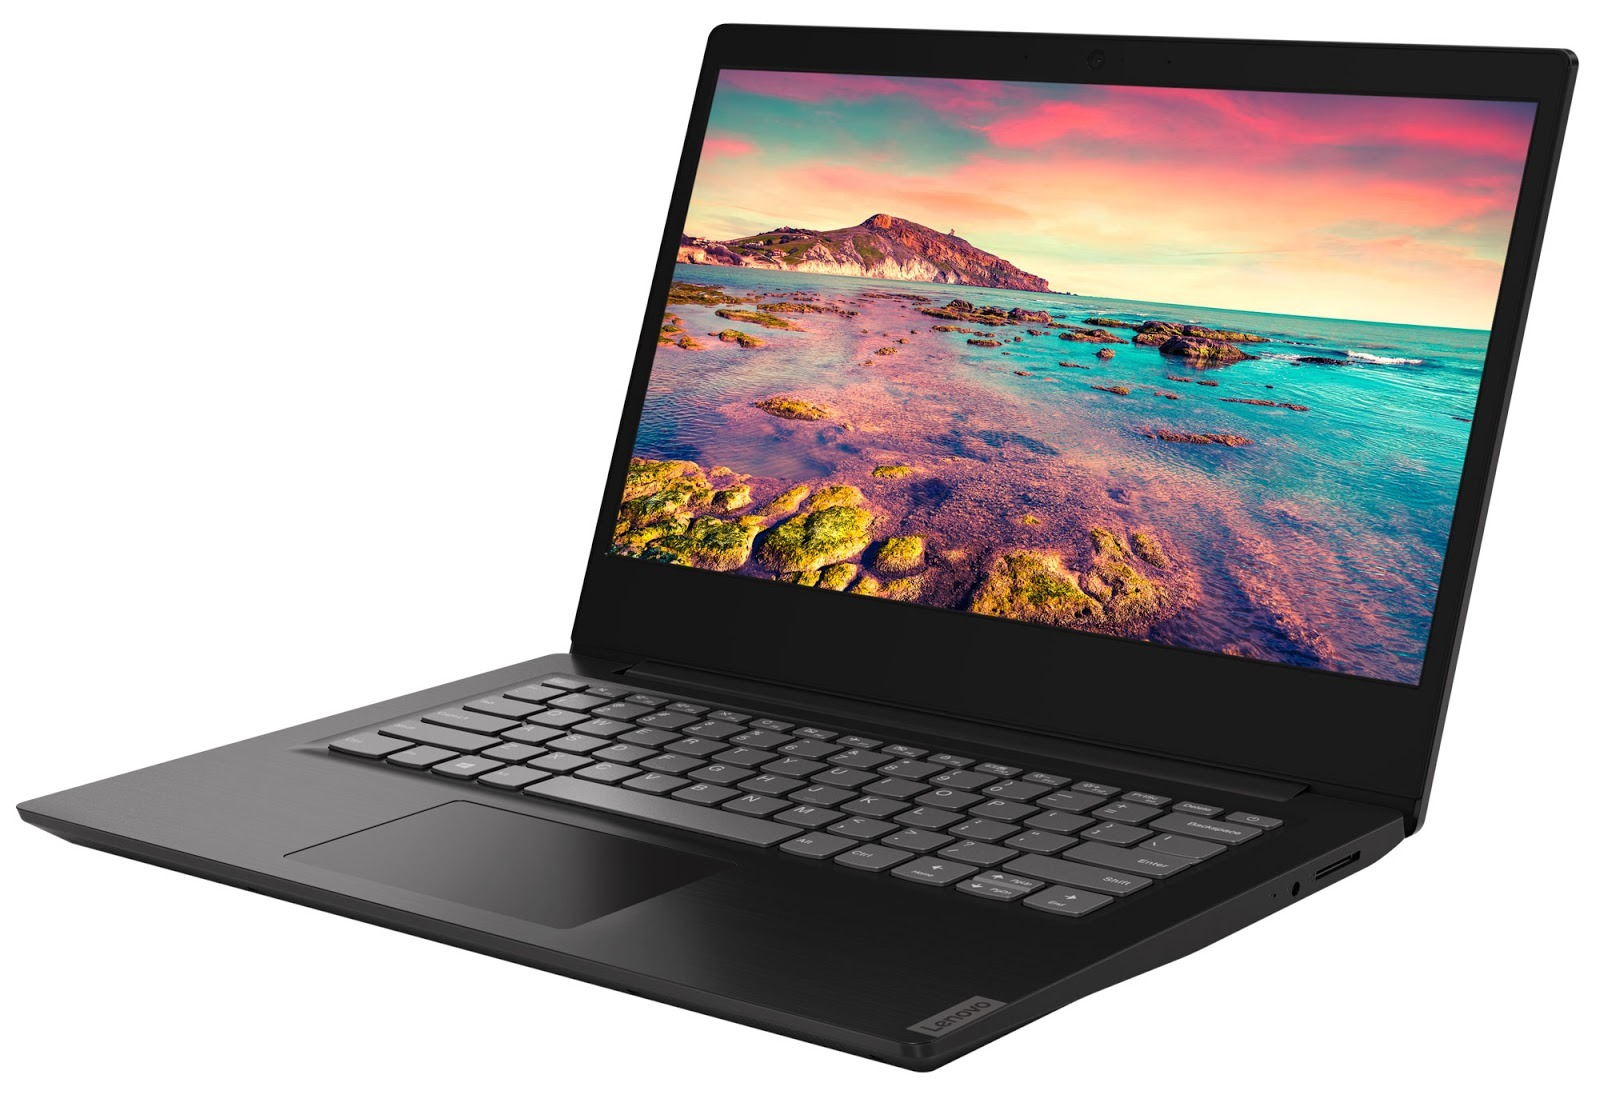 Фото 1. Ноутбук Lenovo ideapad S145-15API (81UT00BNRE)